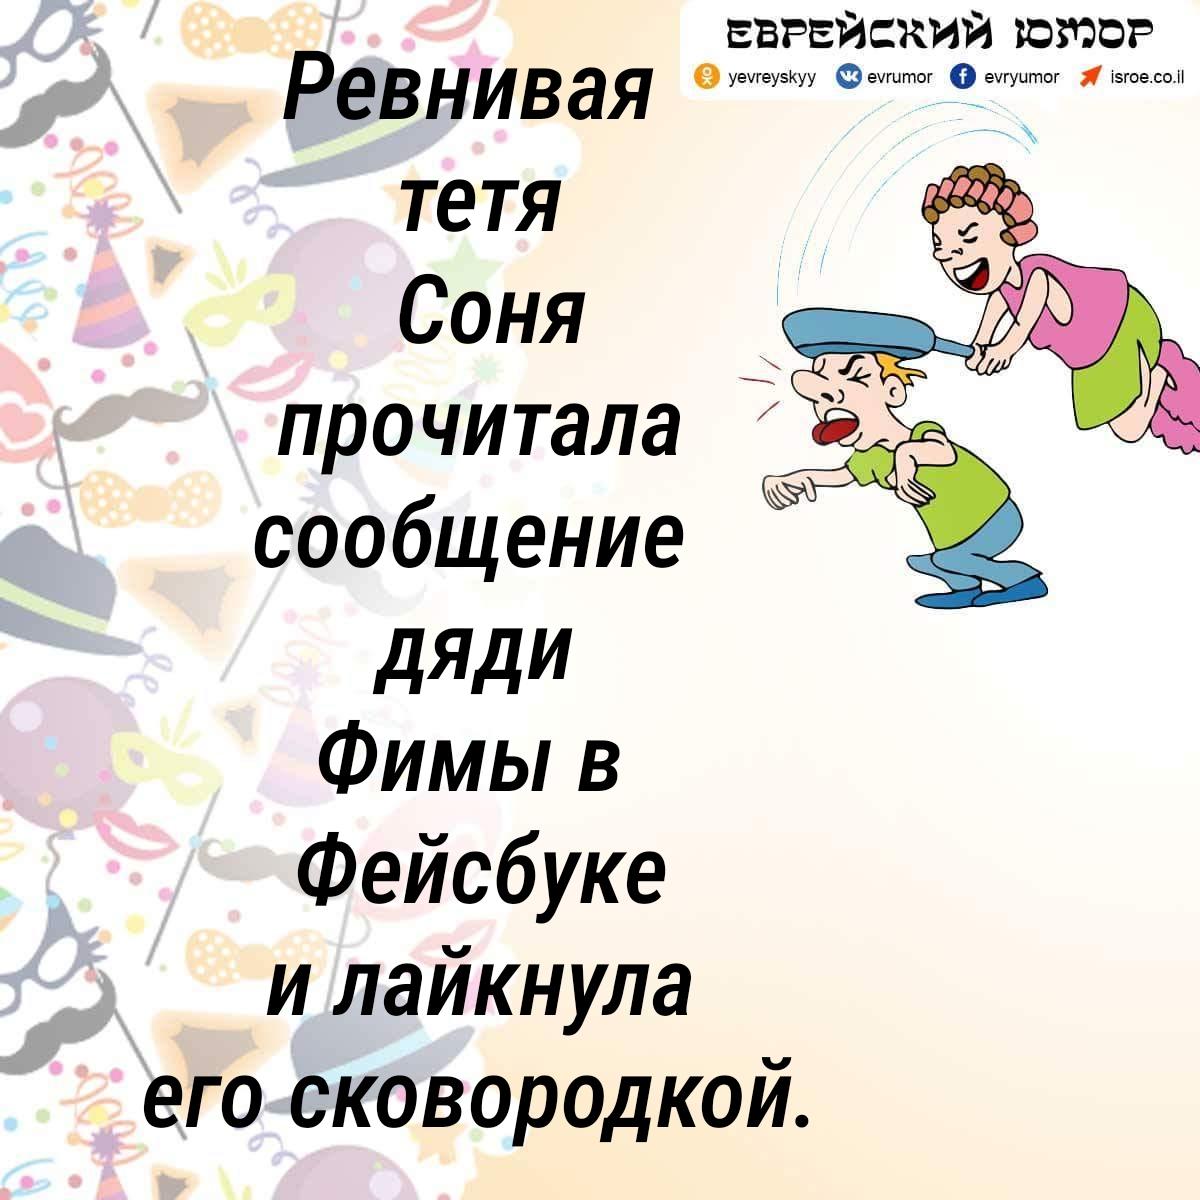 Еврейский юмор. Одесский анекдот. Сковородка